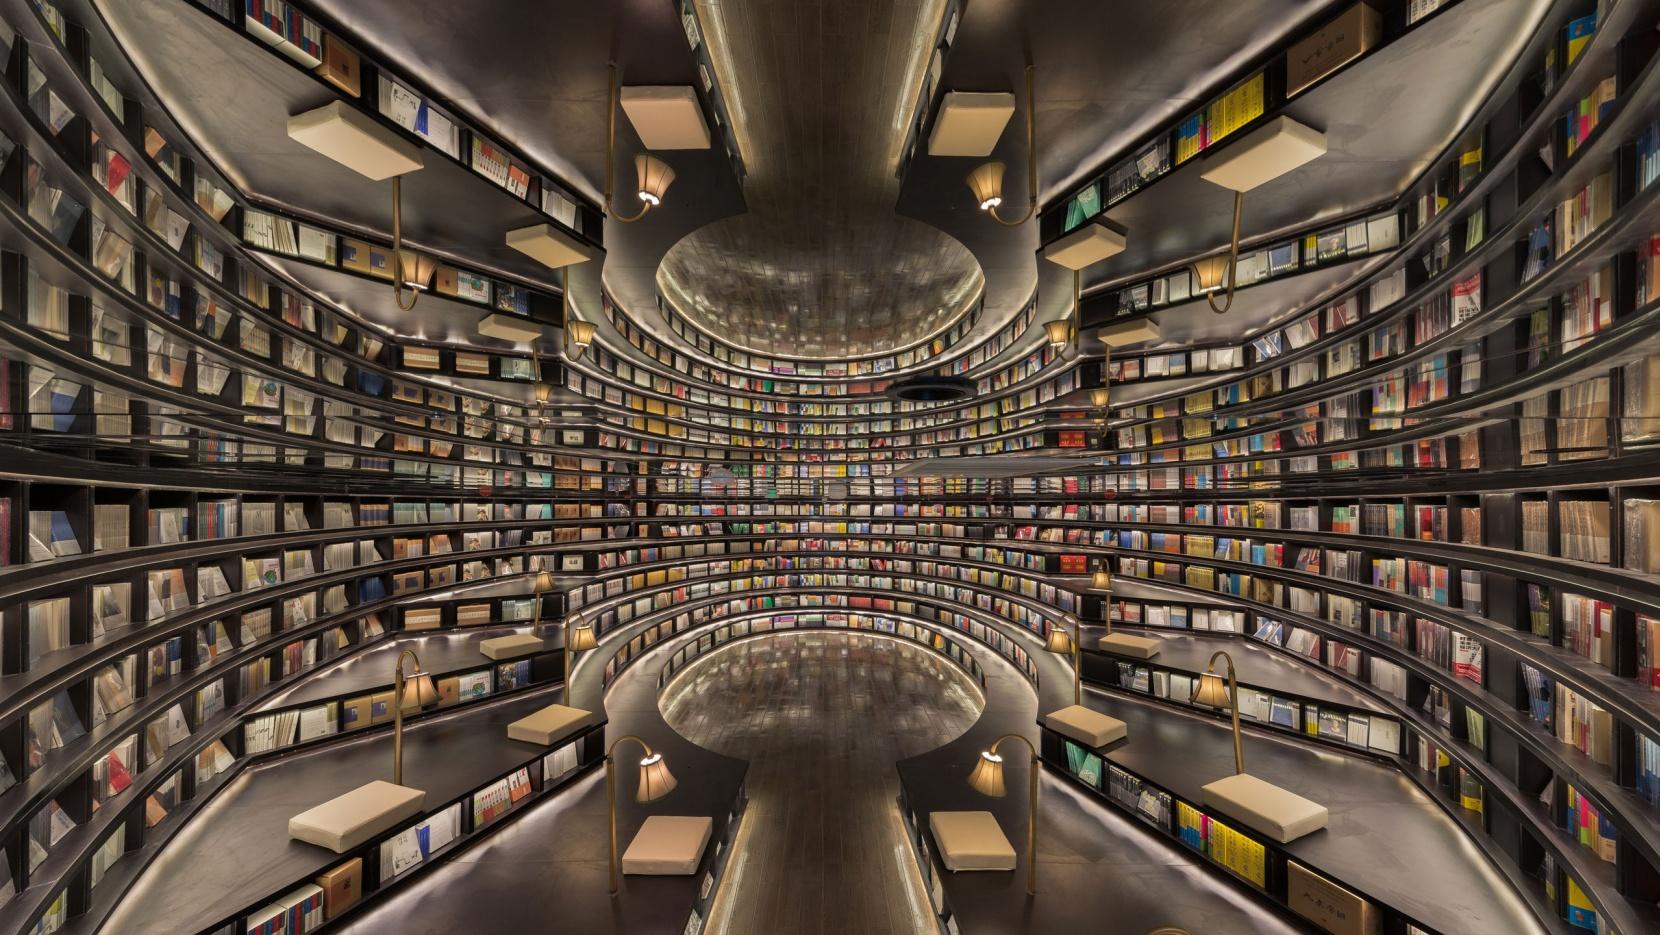 vista general de la iluminacion en las librerías Zhongshuge